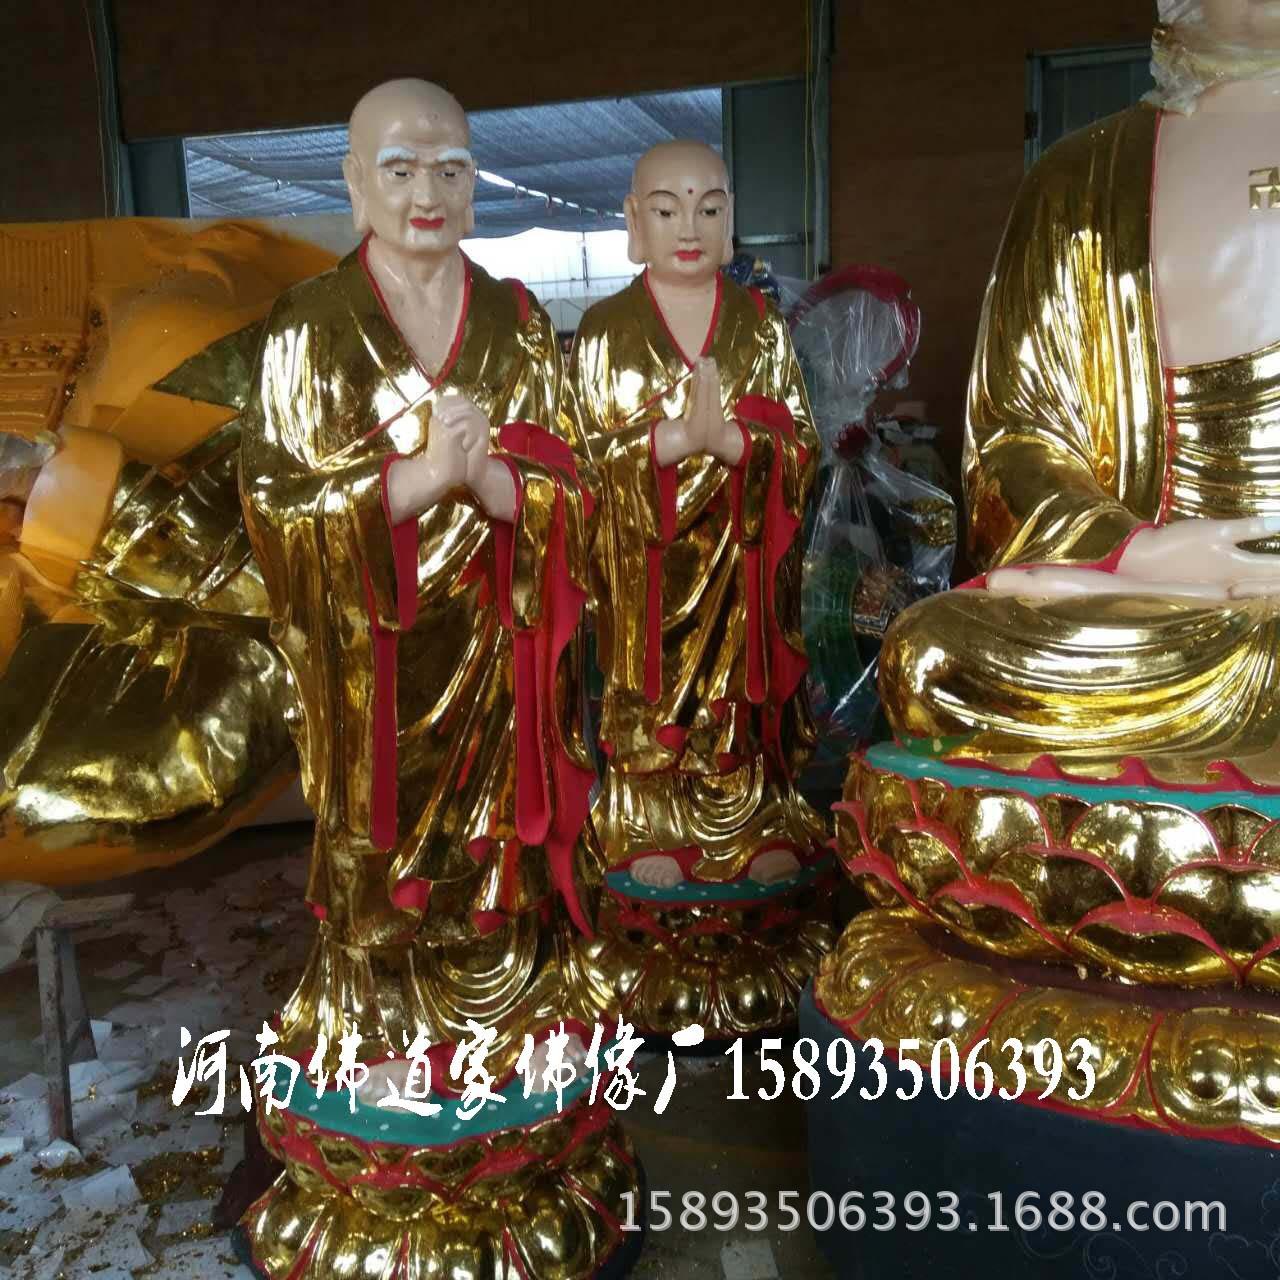 藏传佛教藏佛密宗佛像 百年传承供应佛教用品 河南大型佛像神像示例图2